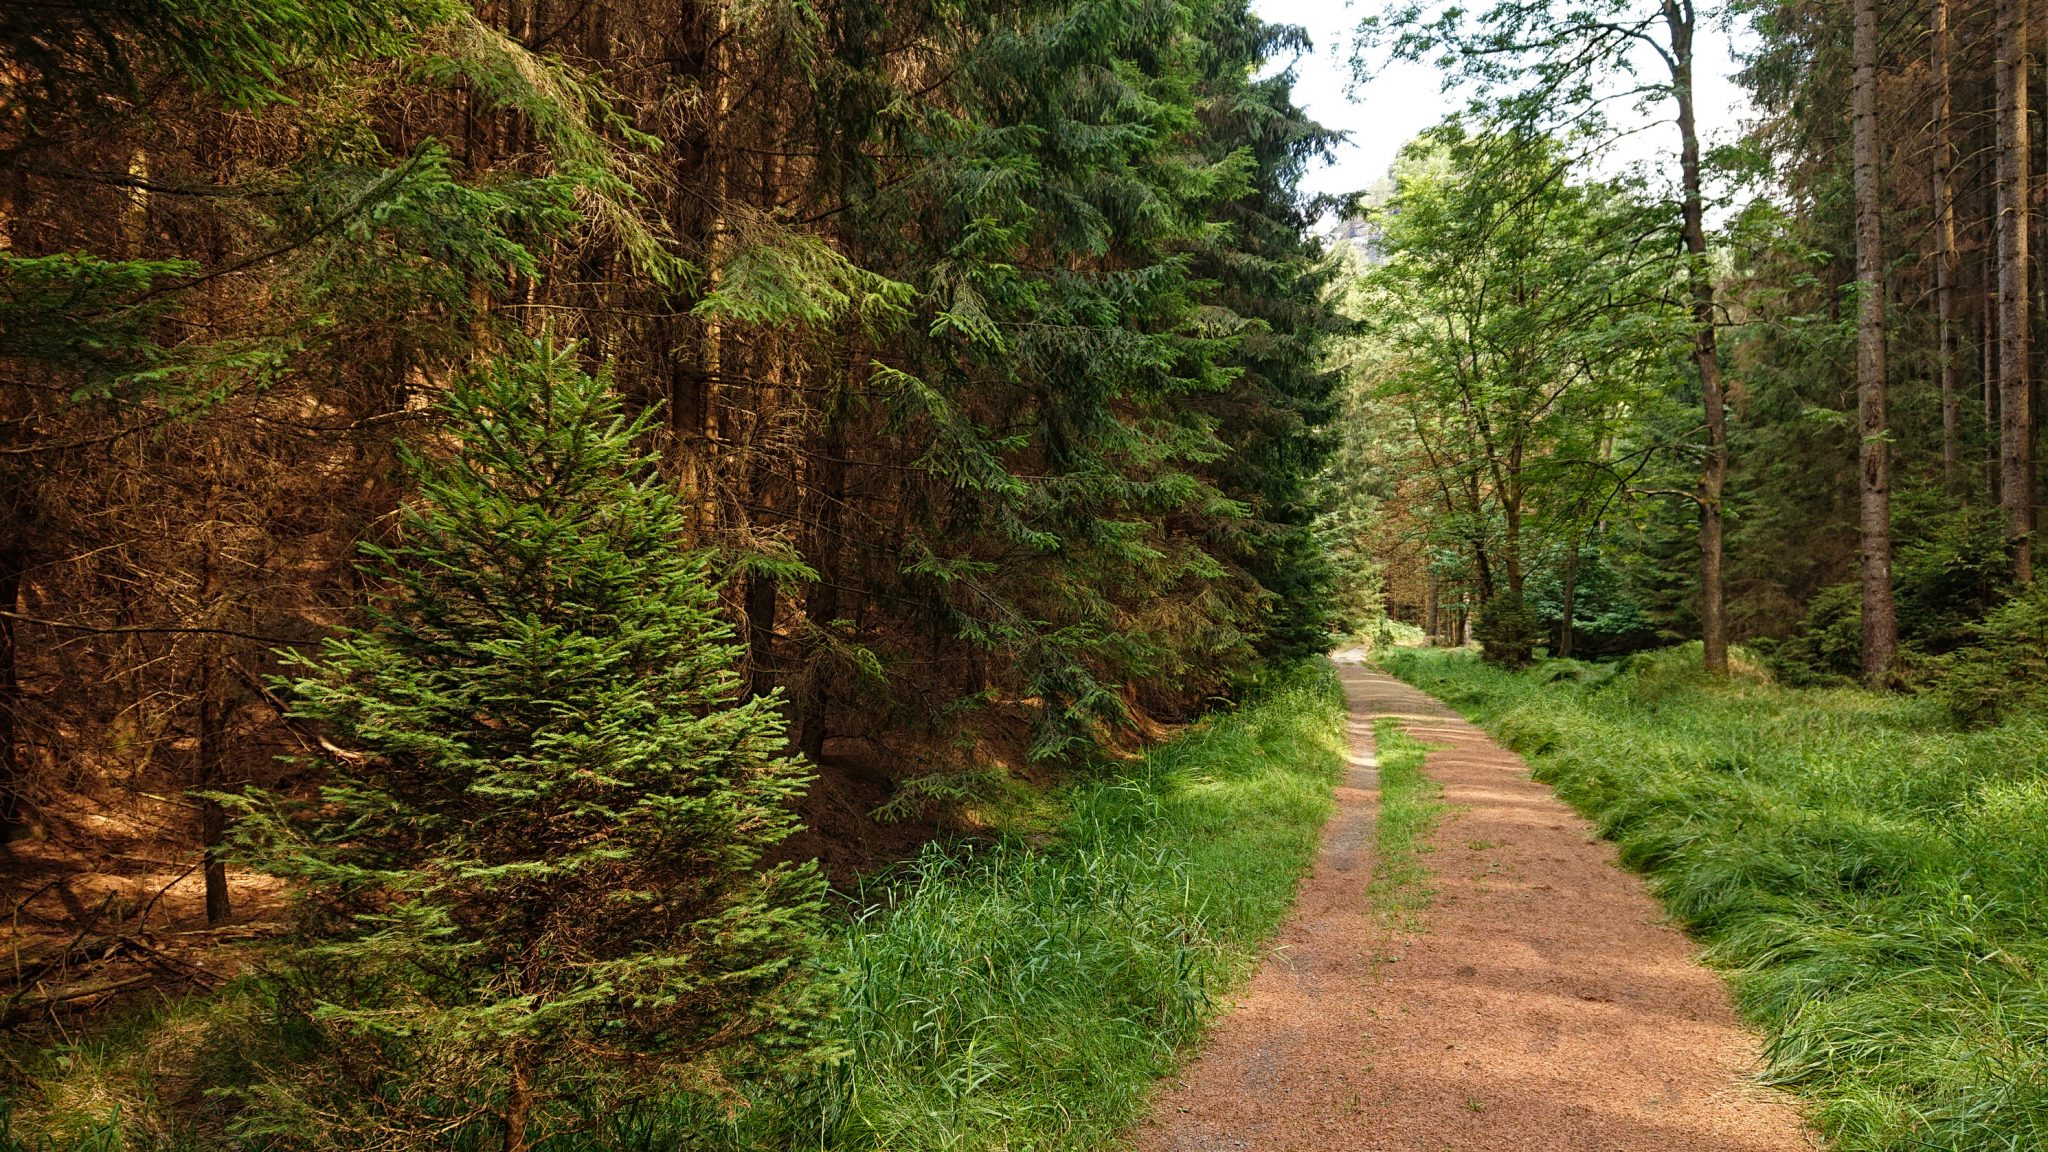 Zeughaus Hickelhöhle und Großer Reitsteig - im Kirnitzschtal wandern, Wanderweg im Wanderparadies Sächsische Schweiz mit vielen tollen Aussichten, riesiger Felsennationalpark, naturbelassener Pfad mit viel Schatten